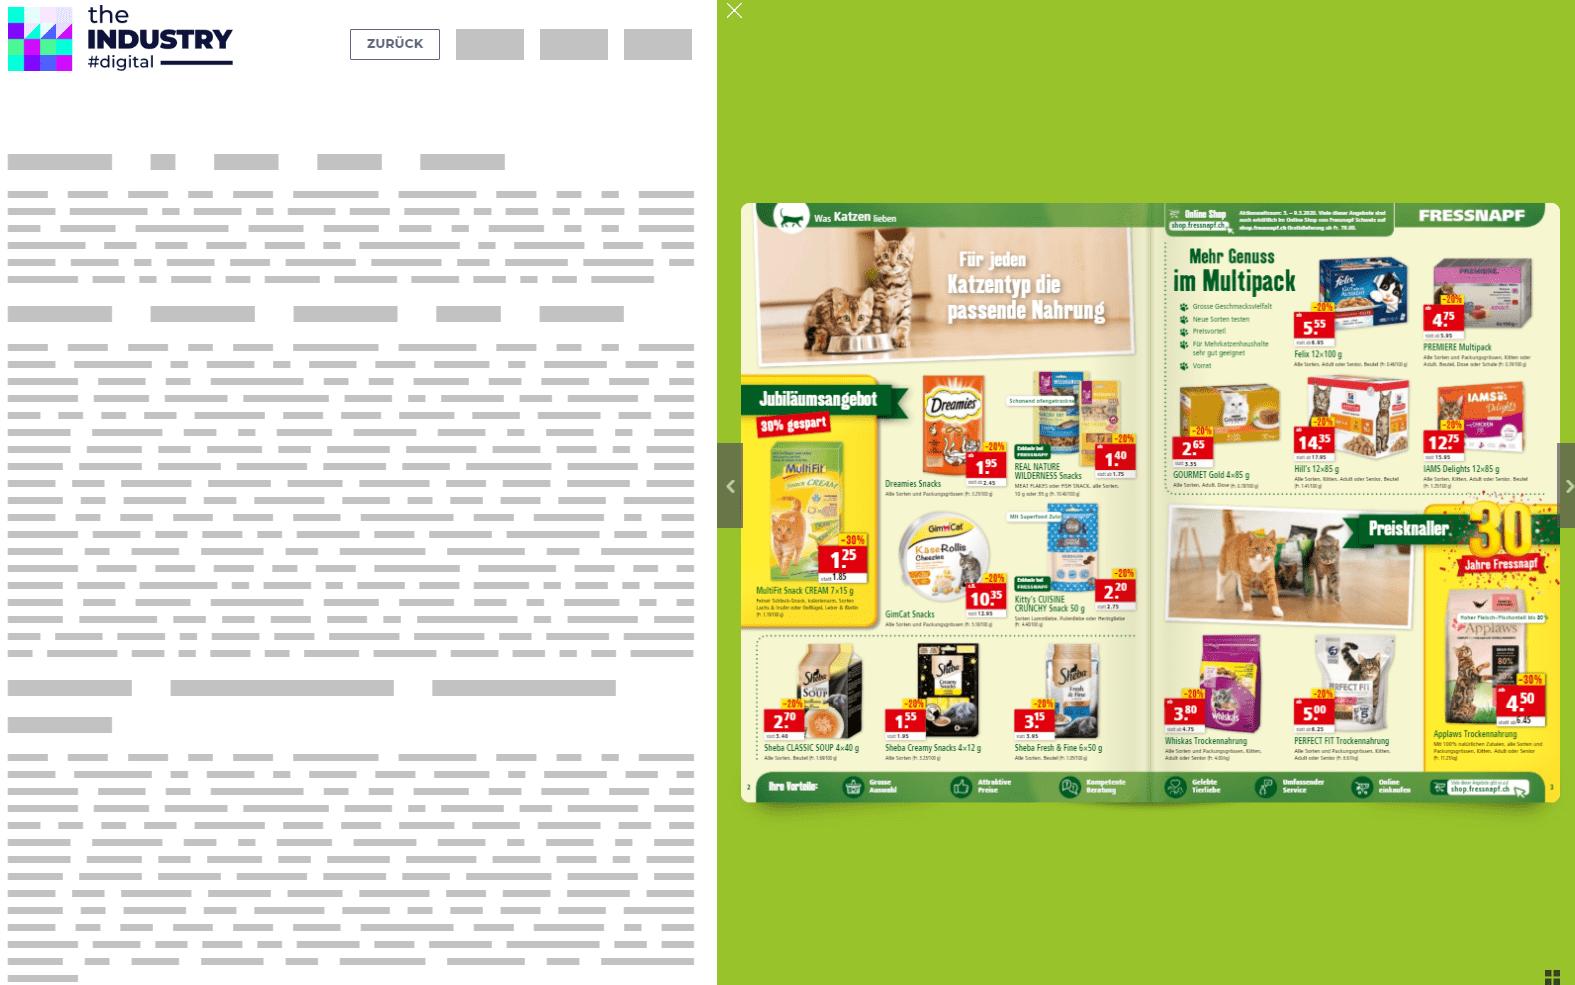 Das Bild zeigt eine Sitebar Katalog von Fressnapf